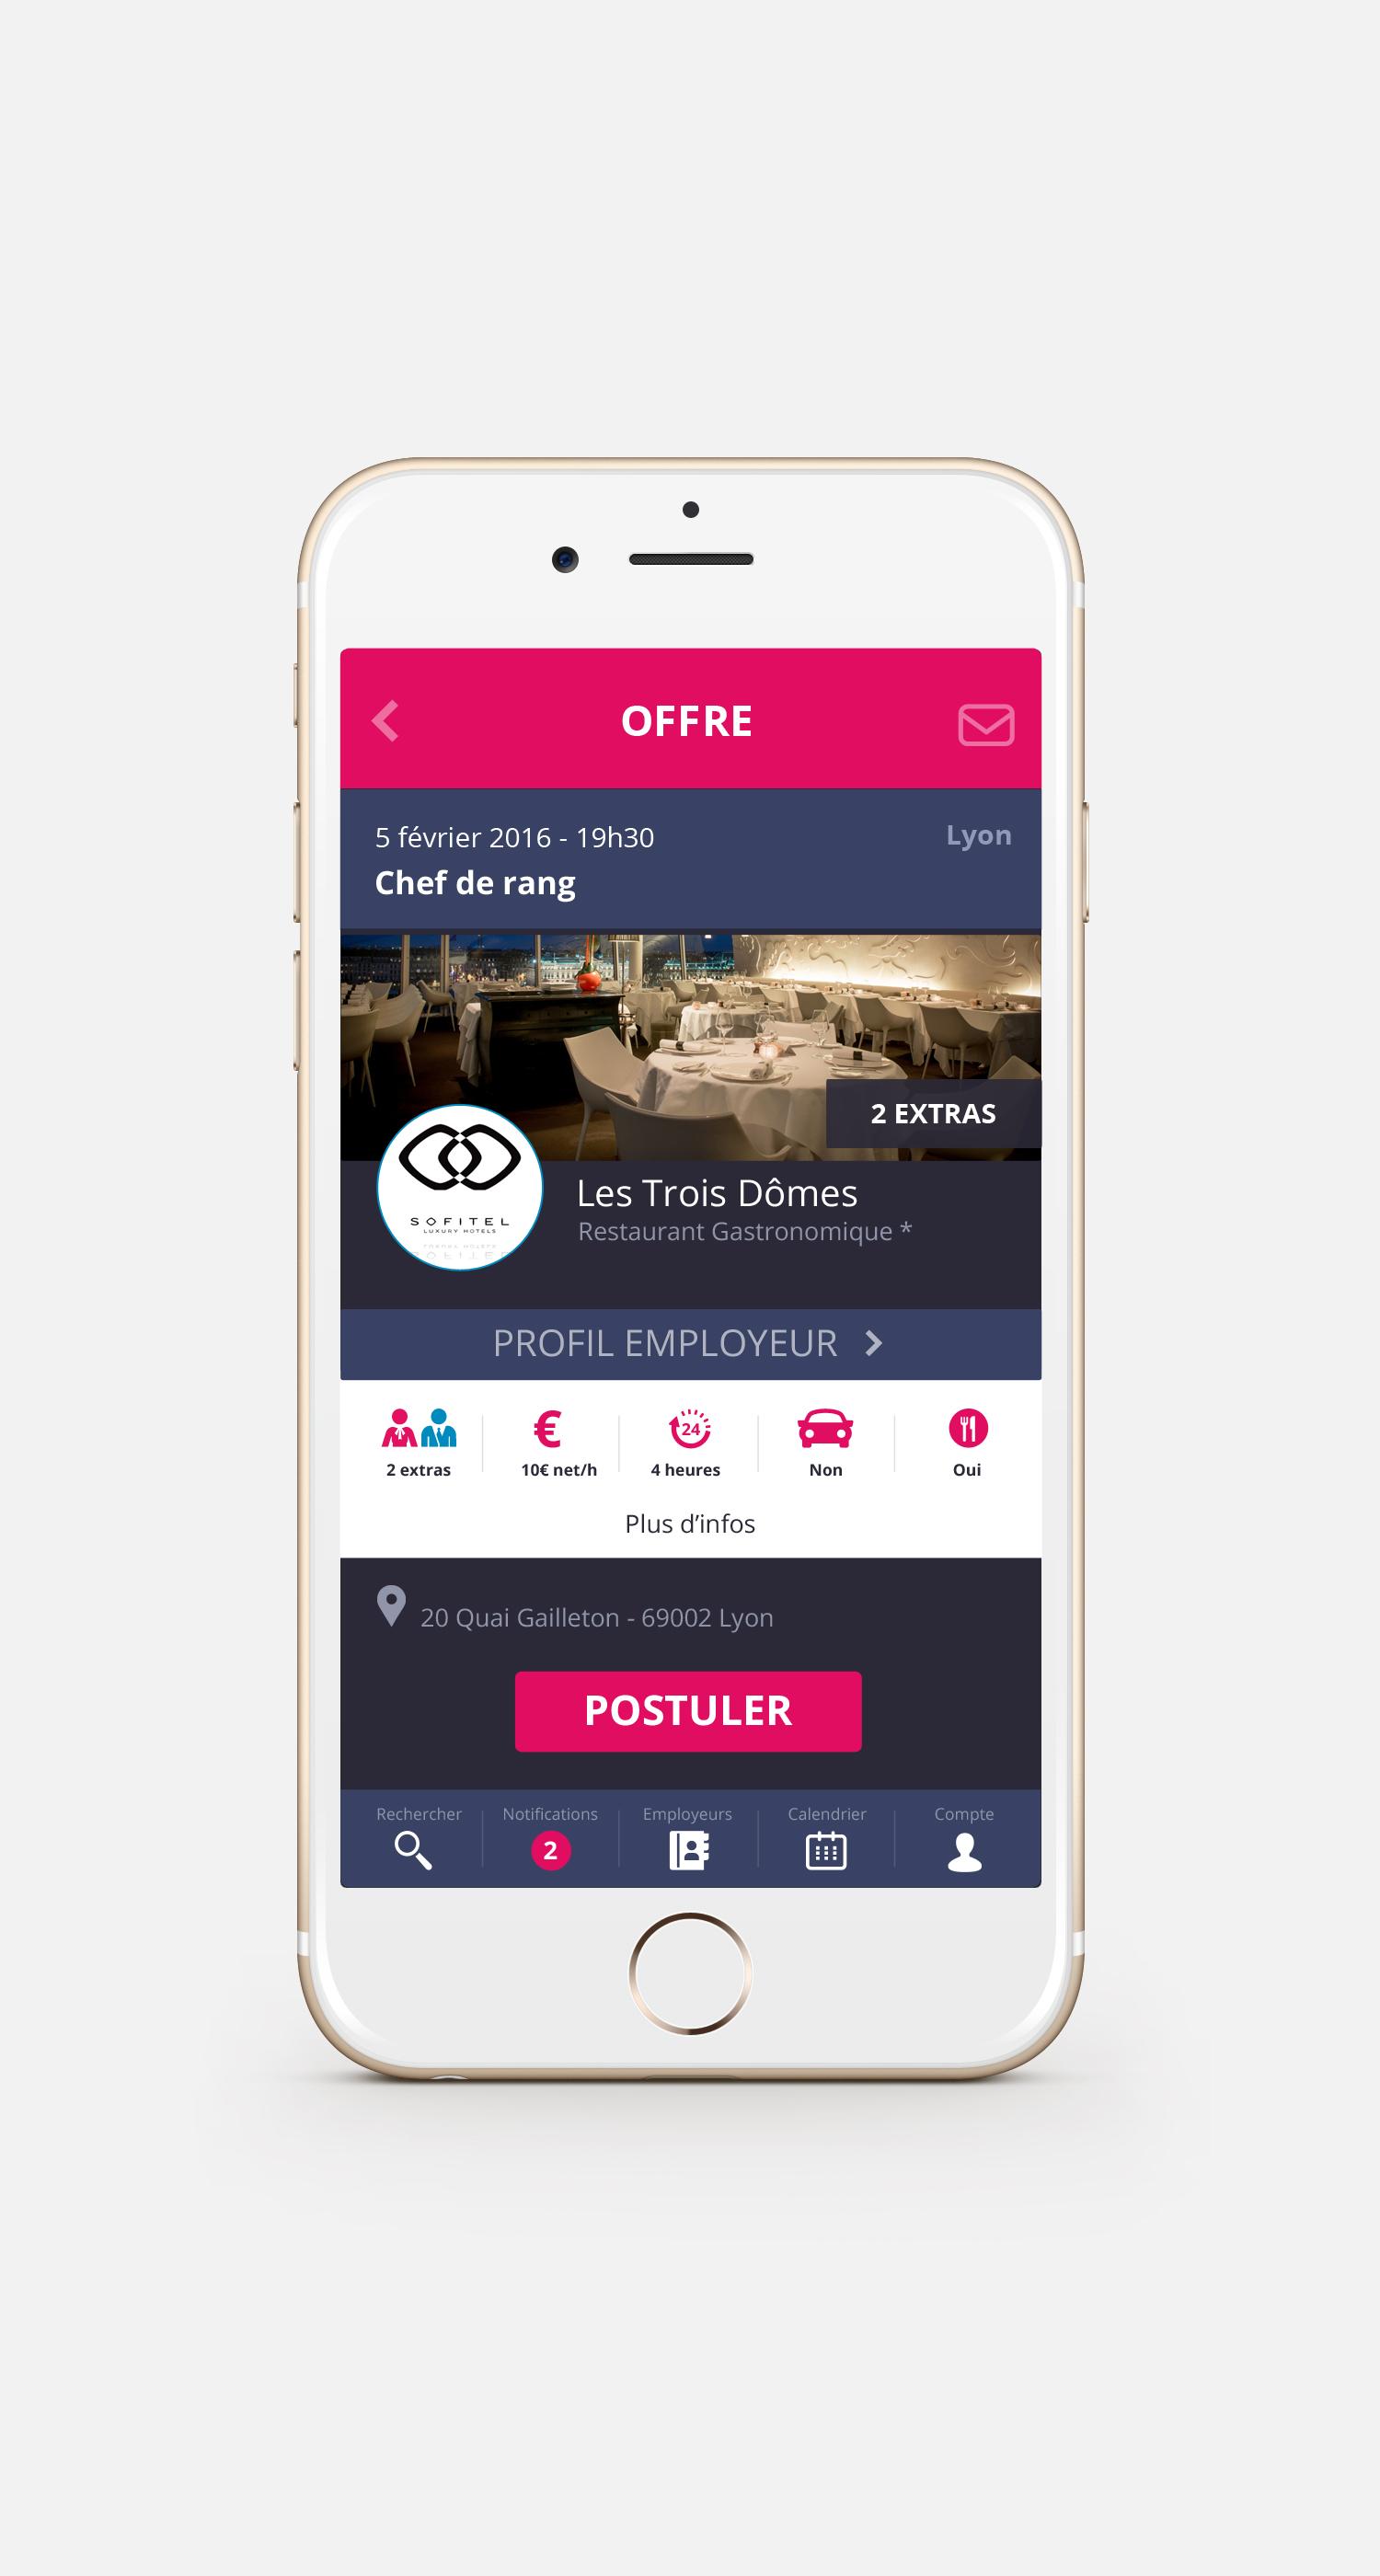 app-helloextra-idetop